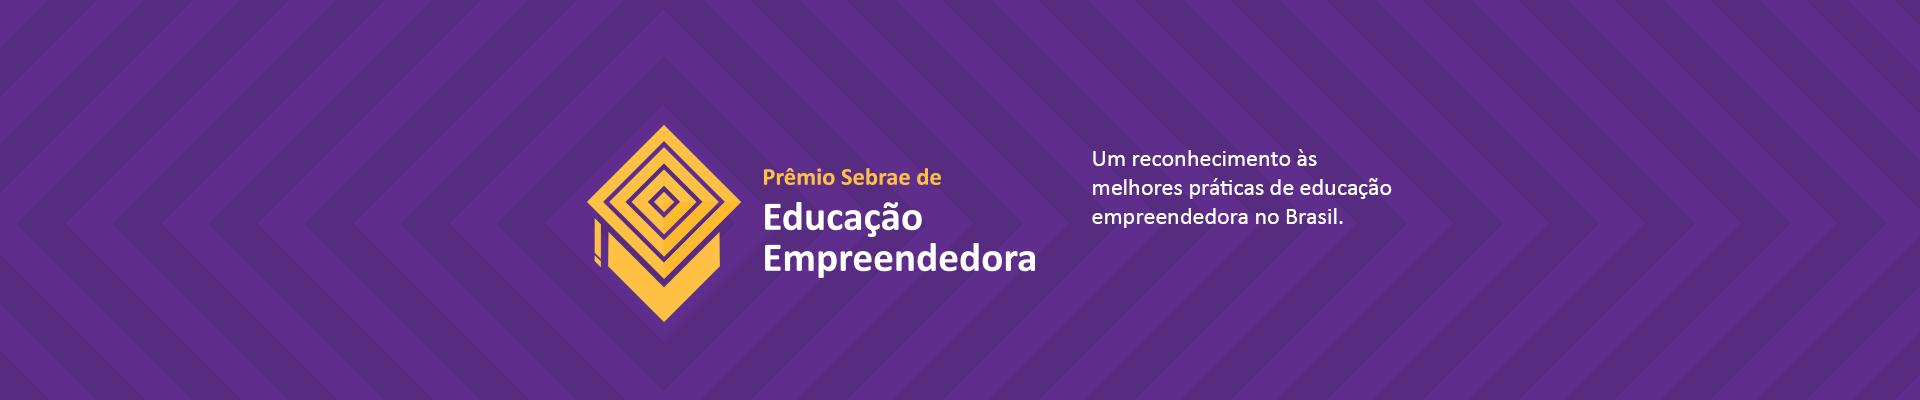 PRÊMIO SEBRAE EDUCAÇÃO EMPREENDEDORA Inscrições abertas para o Prêmio Sebrae Educação Empreendedora